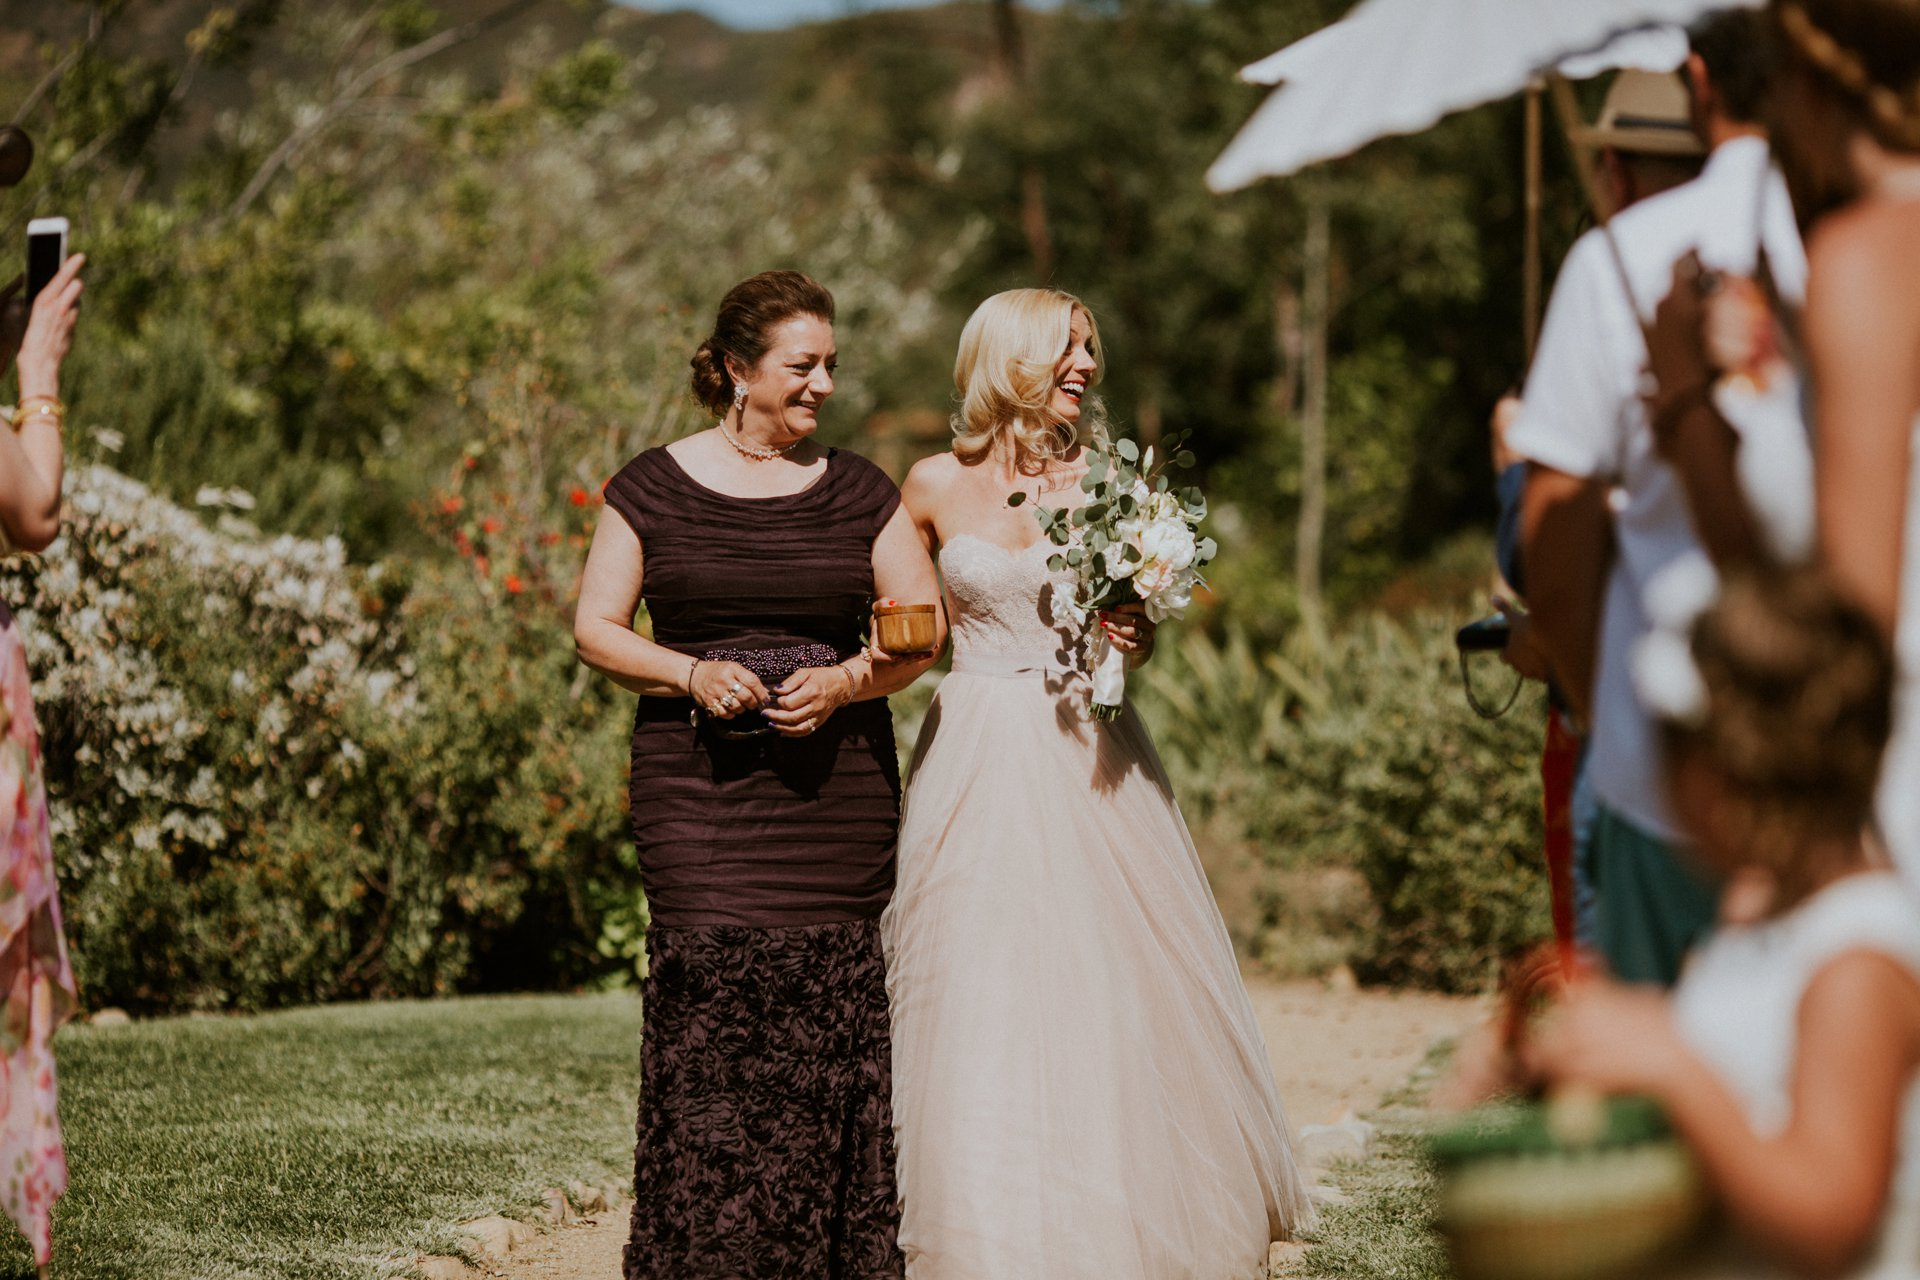 Unique Southern California Wedding Venues - Alyssa Armstrong Photography - Los Angeles Wedding ...